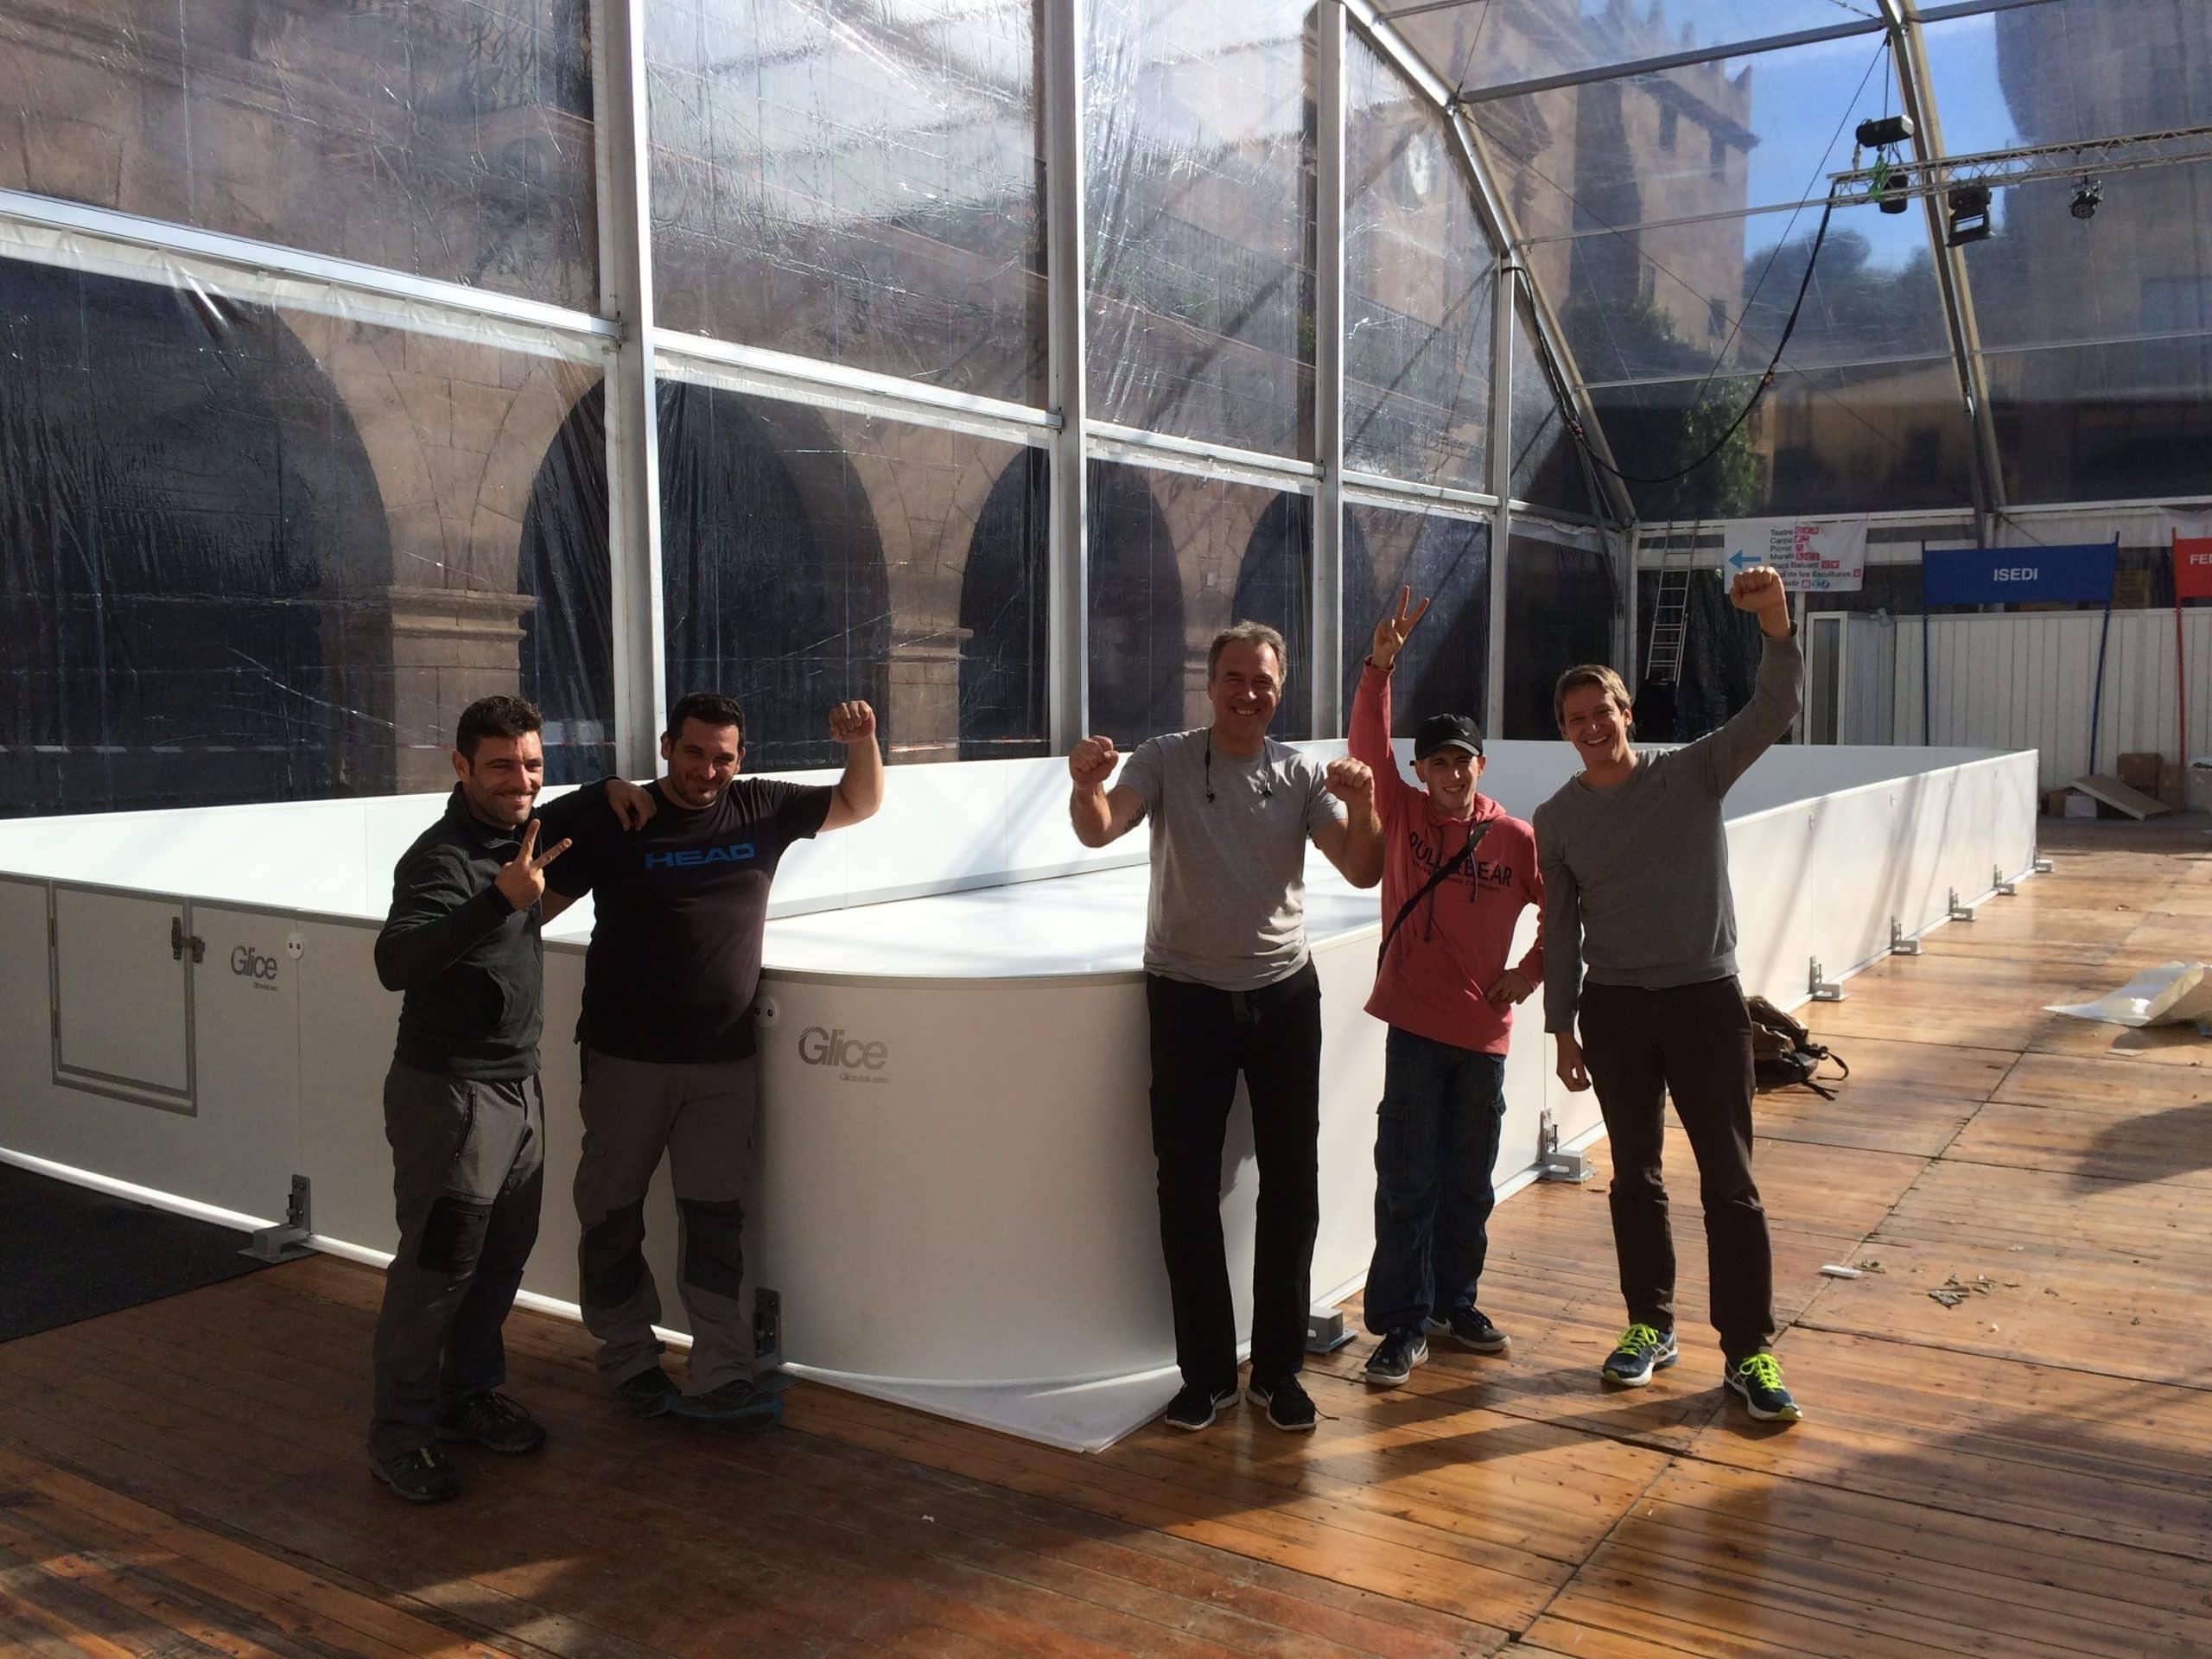 La patinoire synthétique de Glice® est utilisée à '' Let's Snow Festival '' en Barcelone